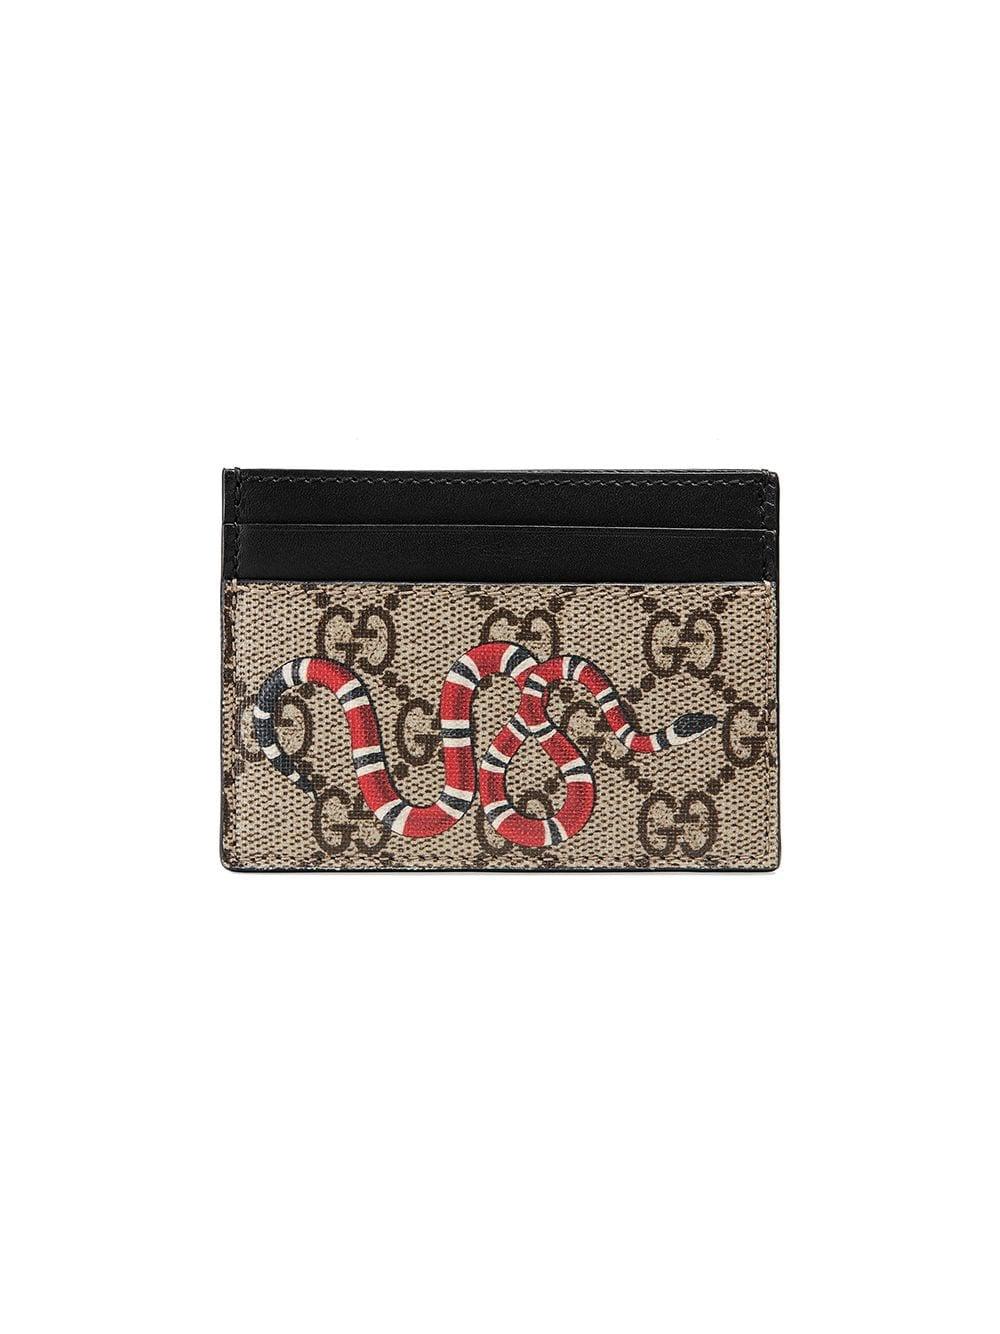 Gucci Card Case Monogram GG Supreme Kingsnake Print Beige/Ebony